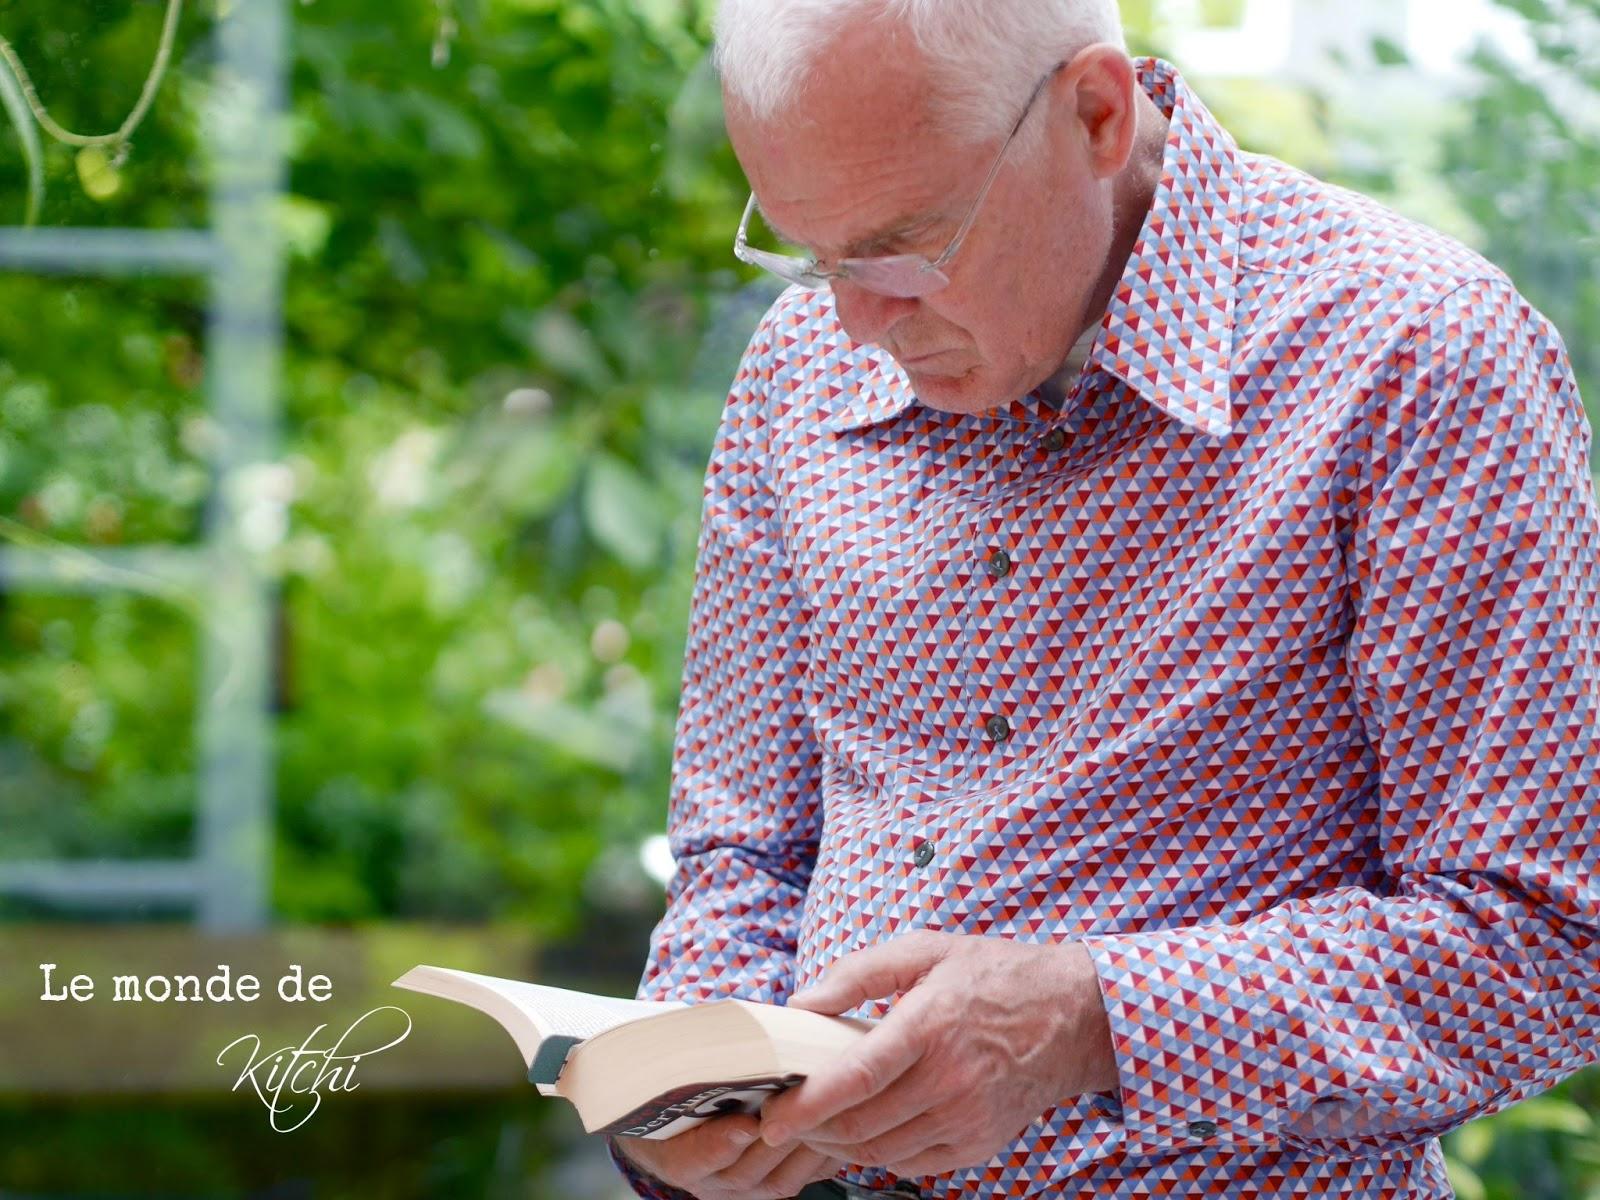 Le monde de Kitchi: Hemden nähen ist nicht schwer